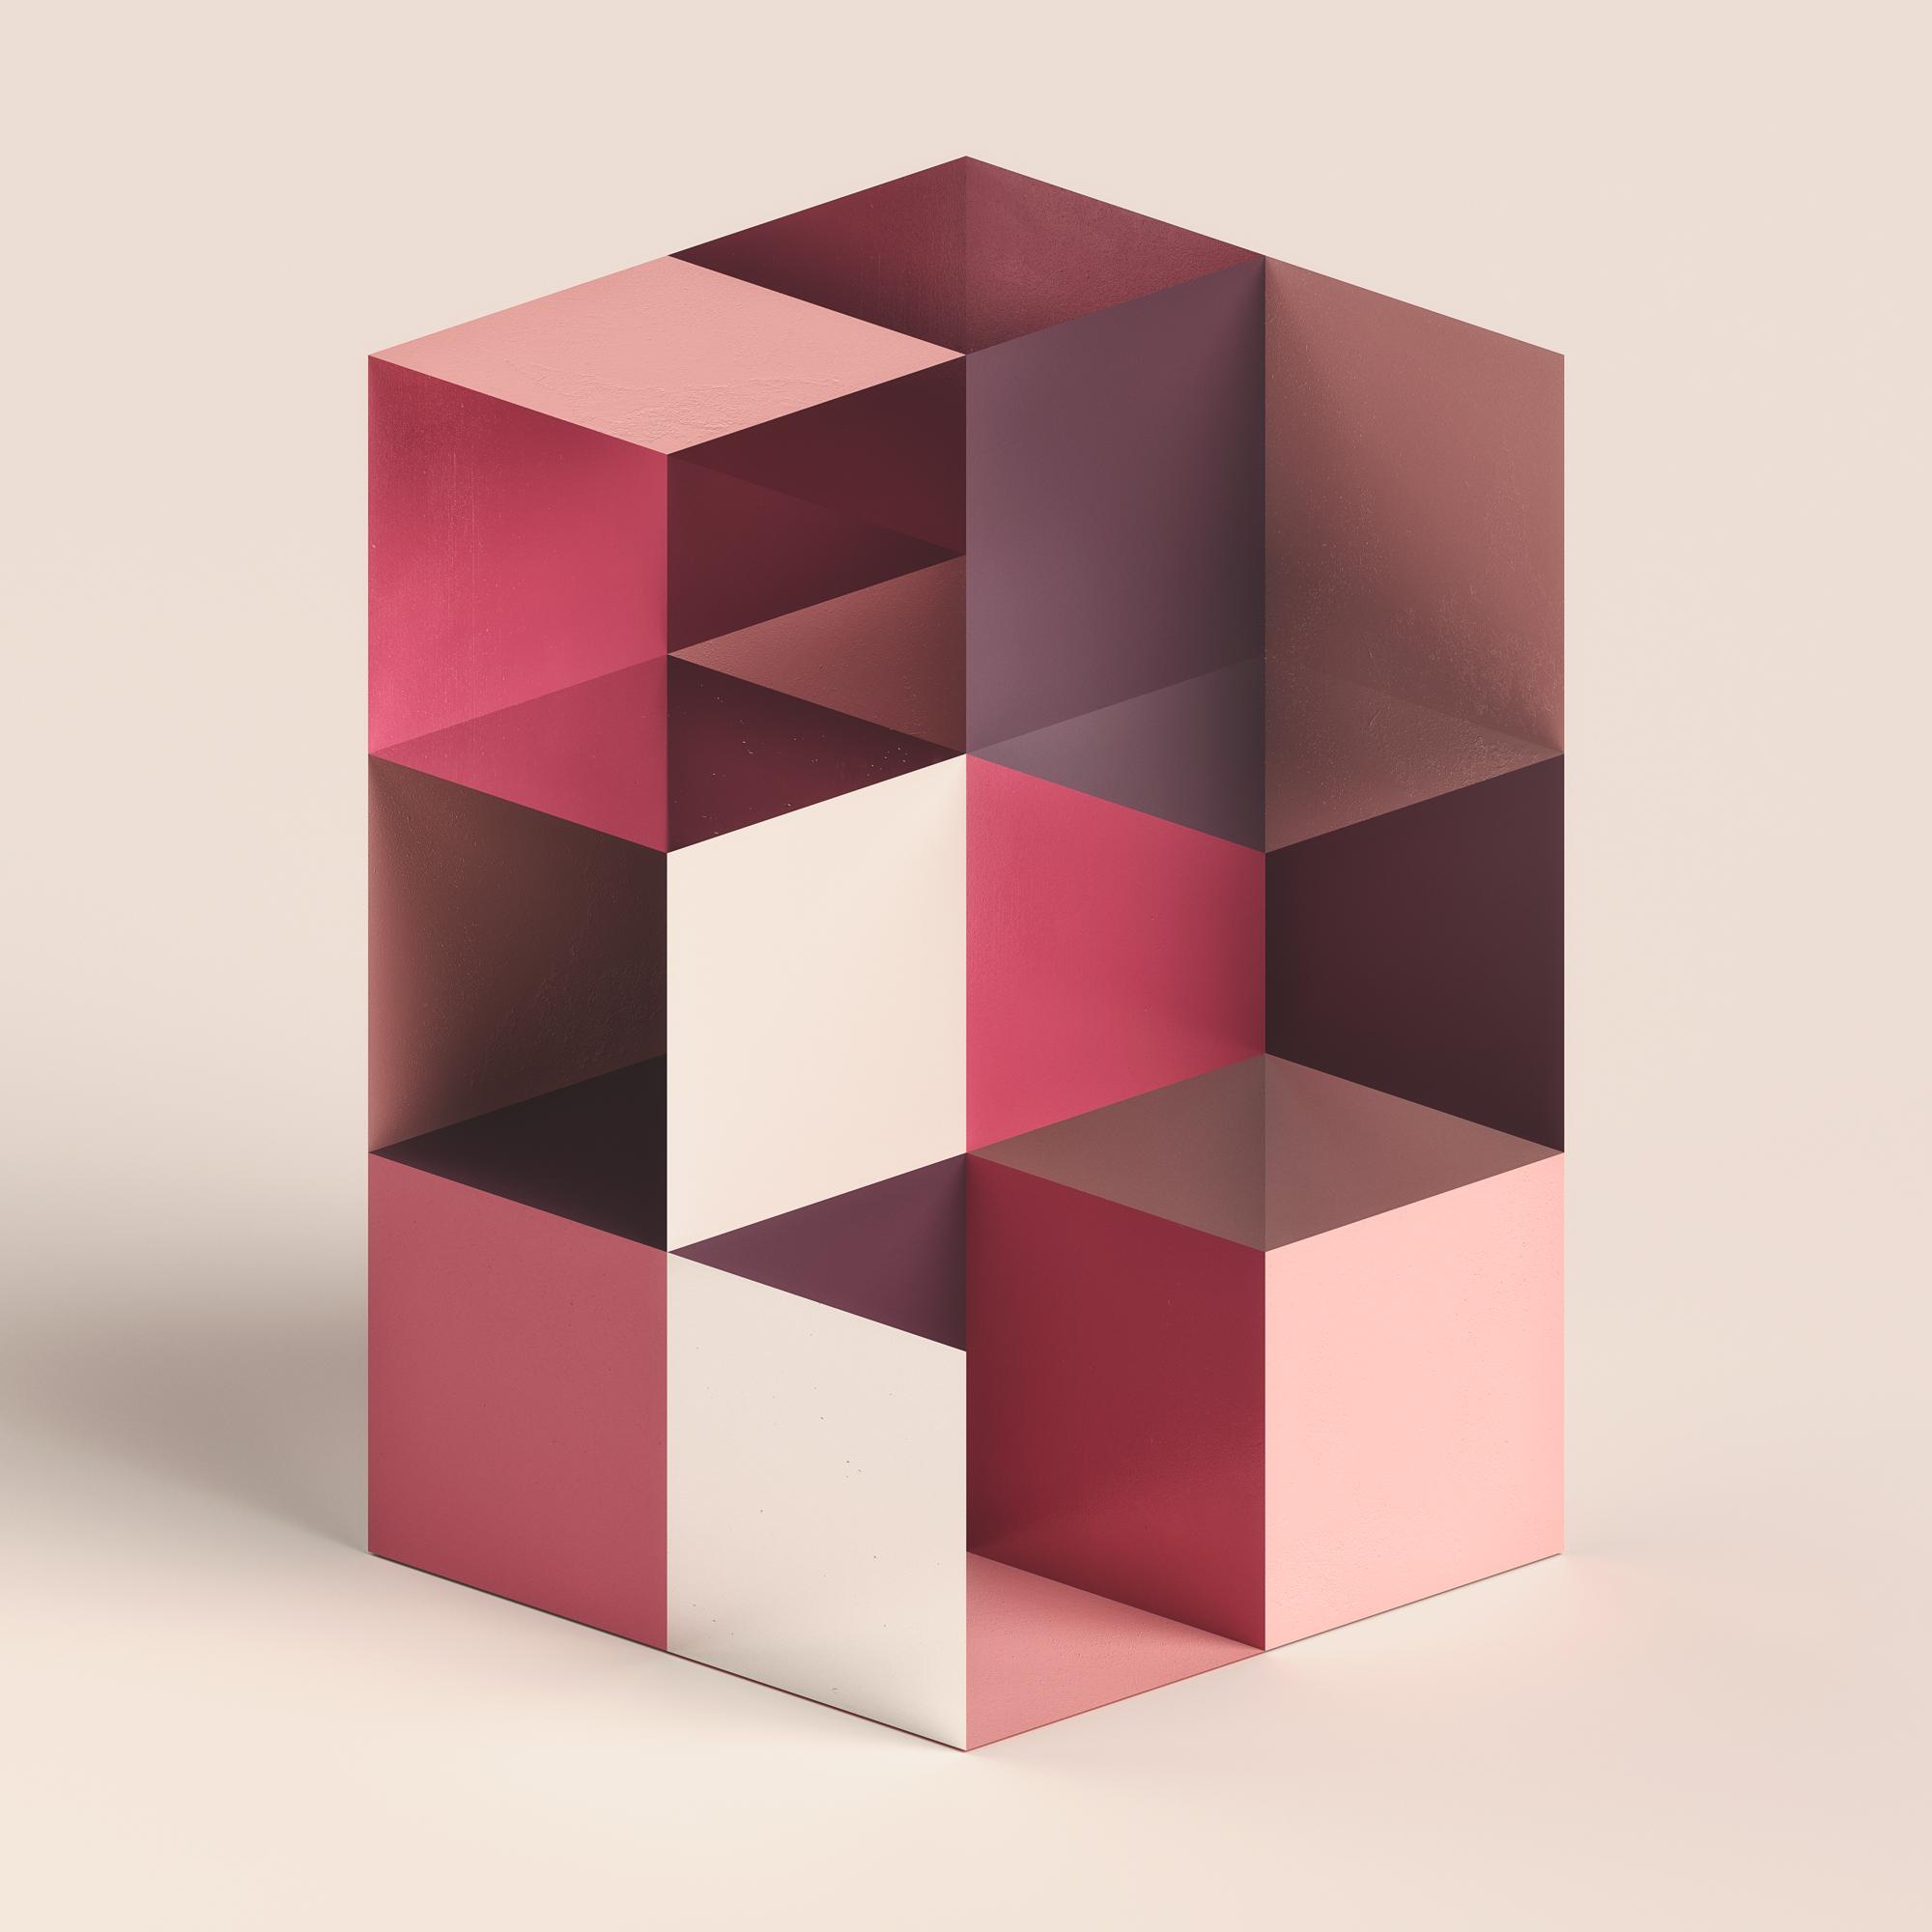 cubism_social.png